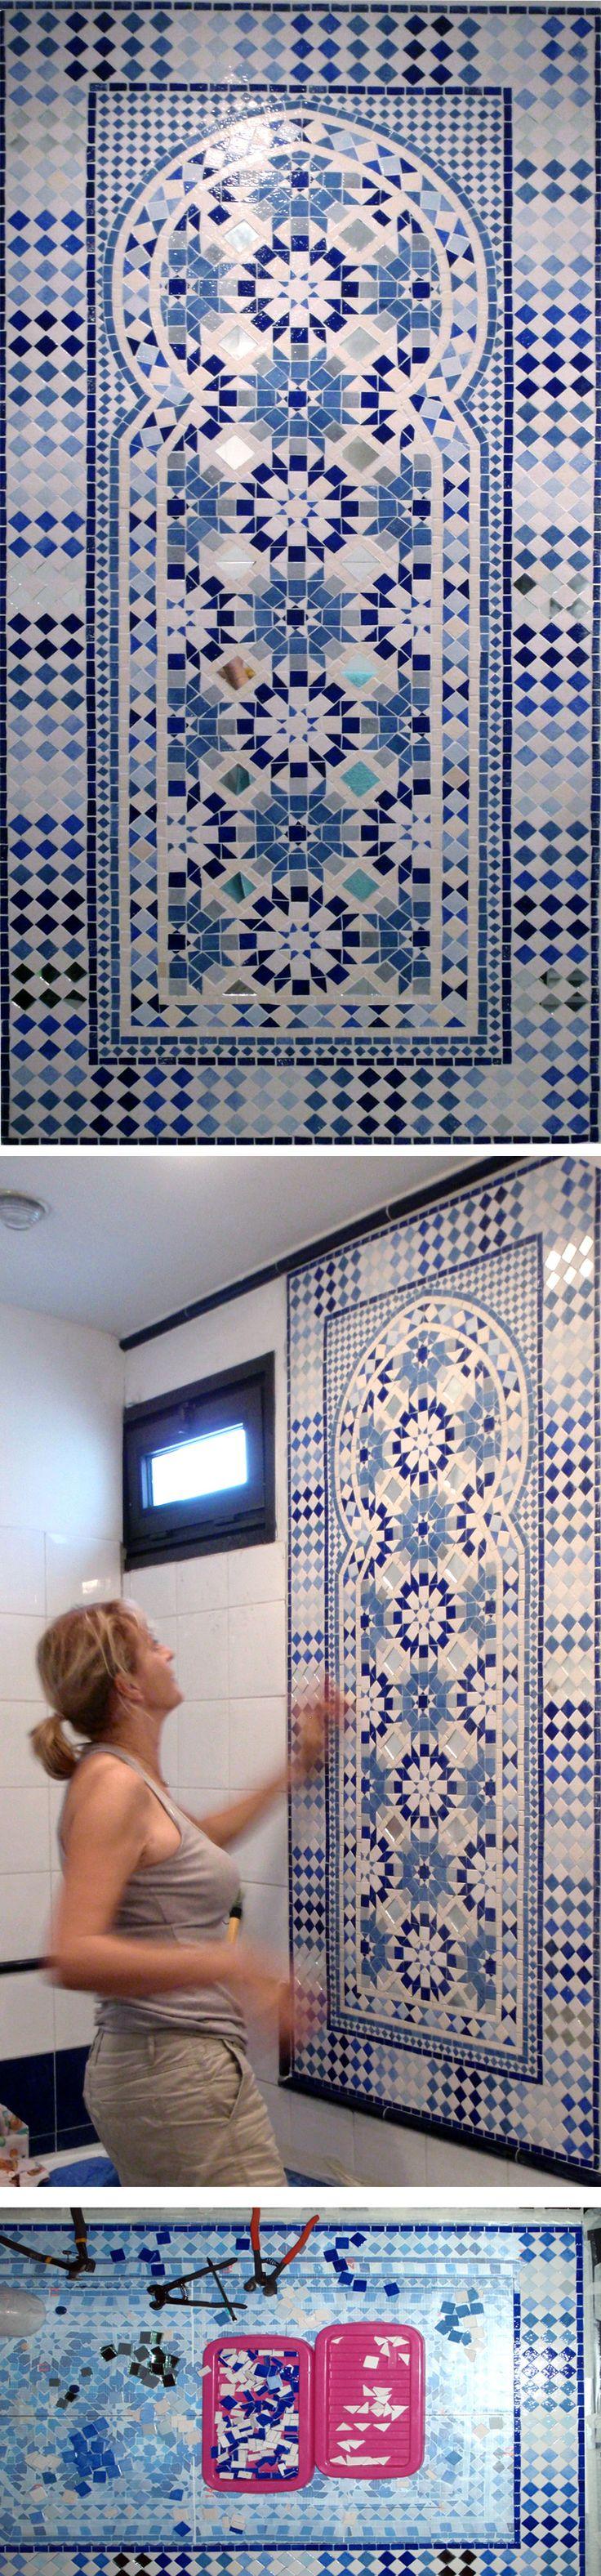 Salle De Bain Marocaine Beldi ~ mosaique marocaine salle de bain pierre with mosaique marocaine